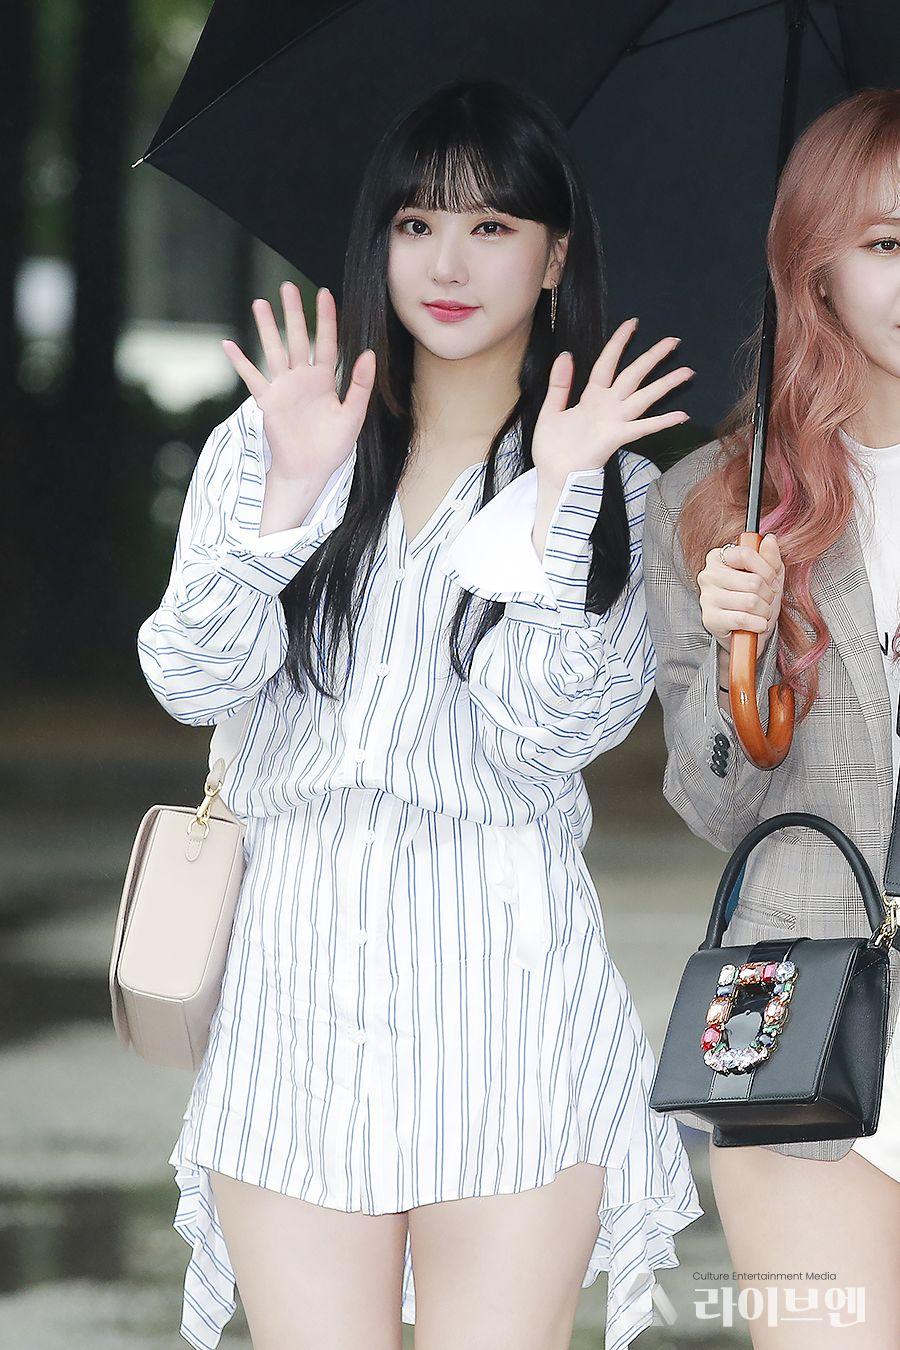 Top 10 adorable photos of GFRIEND Eunha - Sexy K-pop